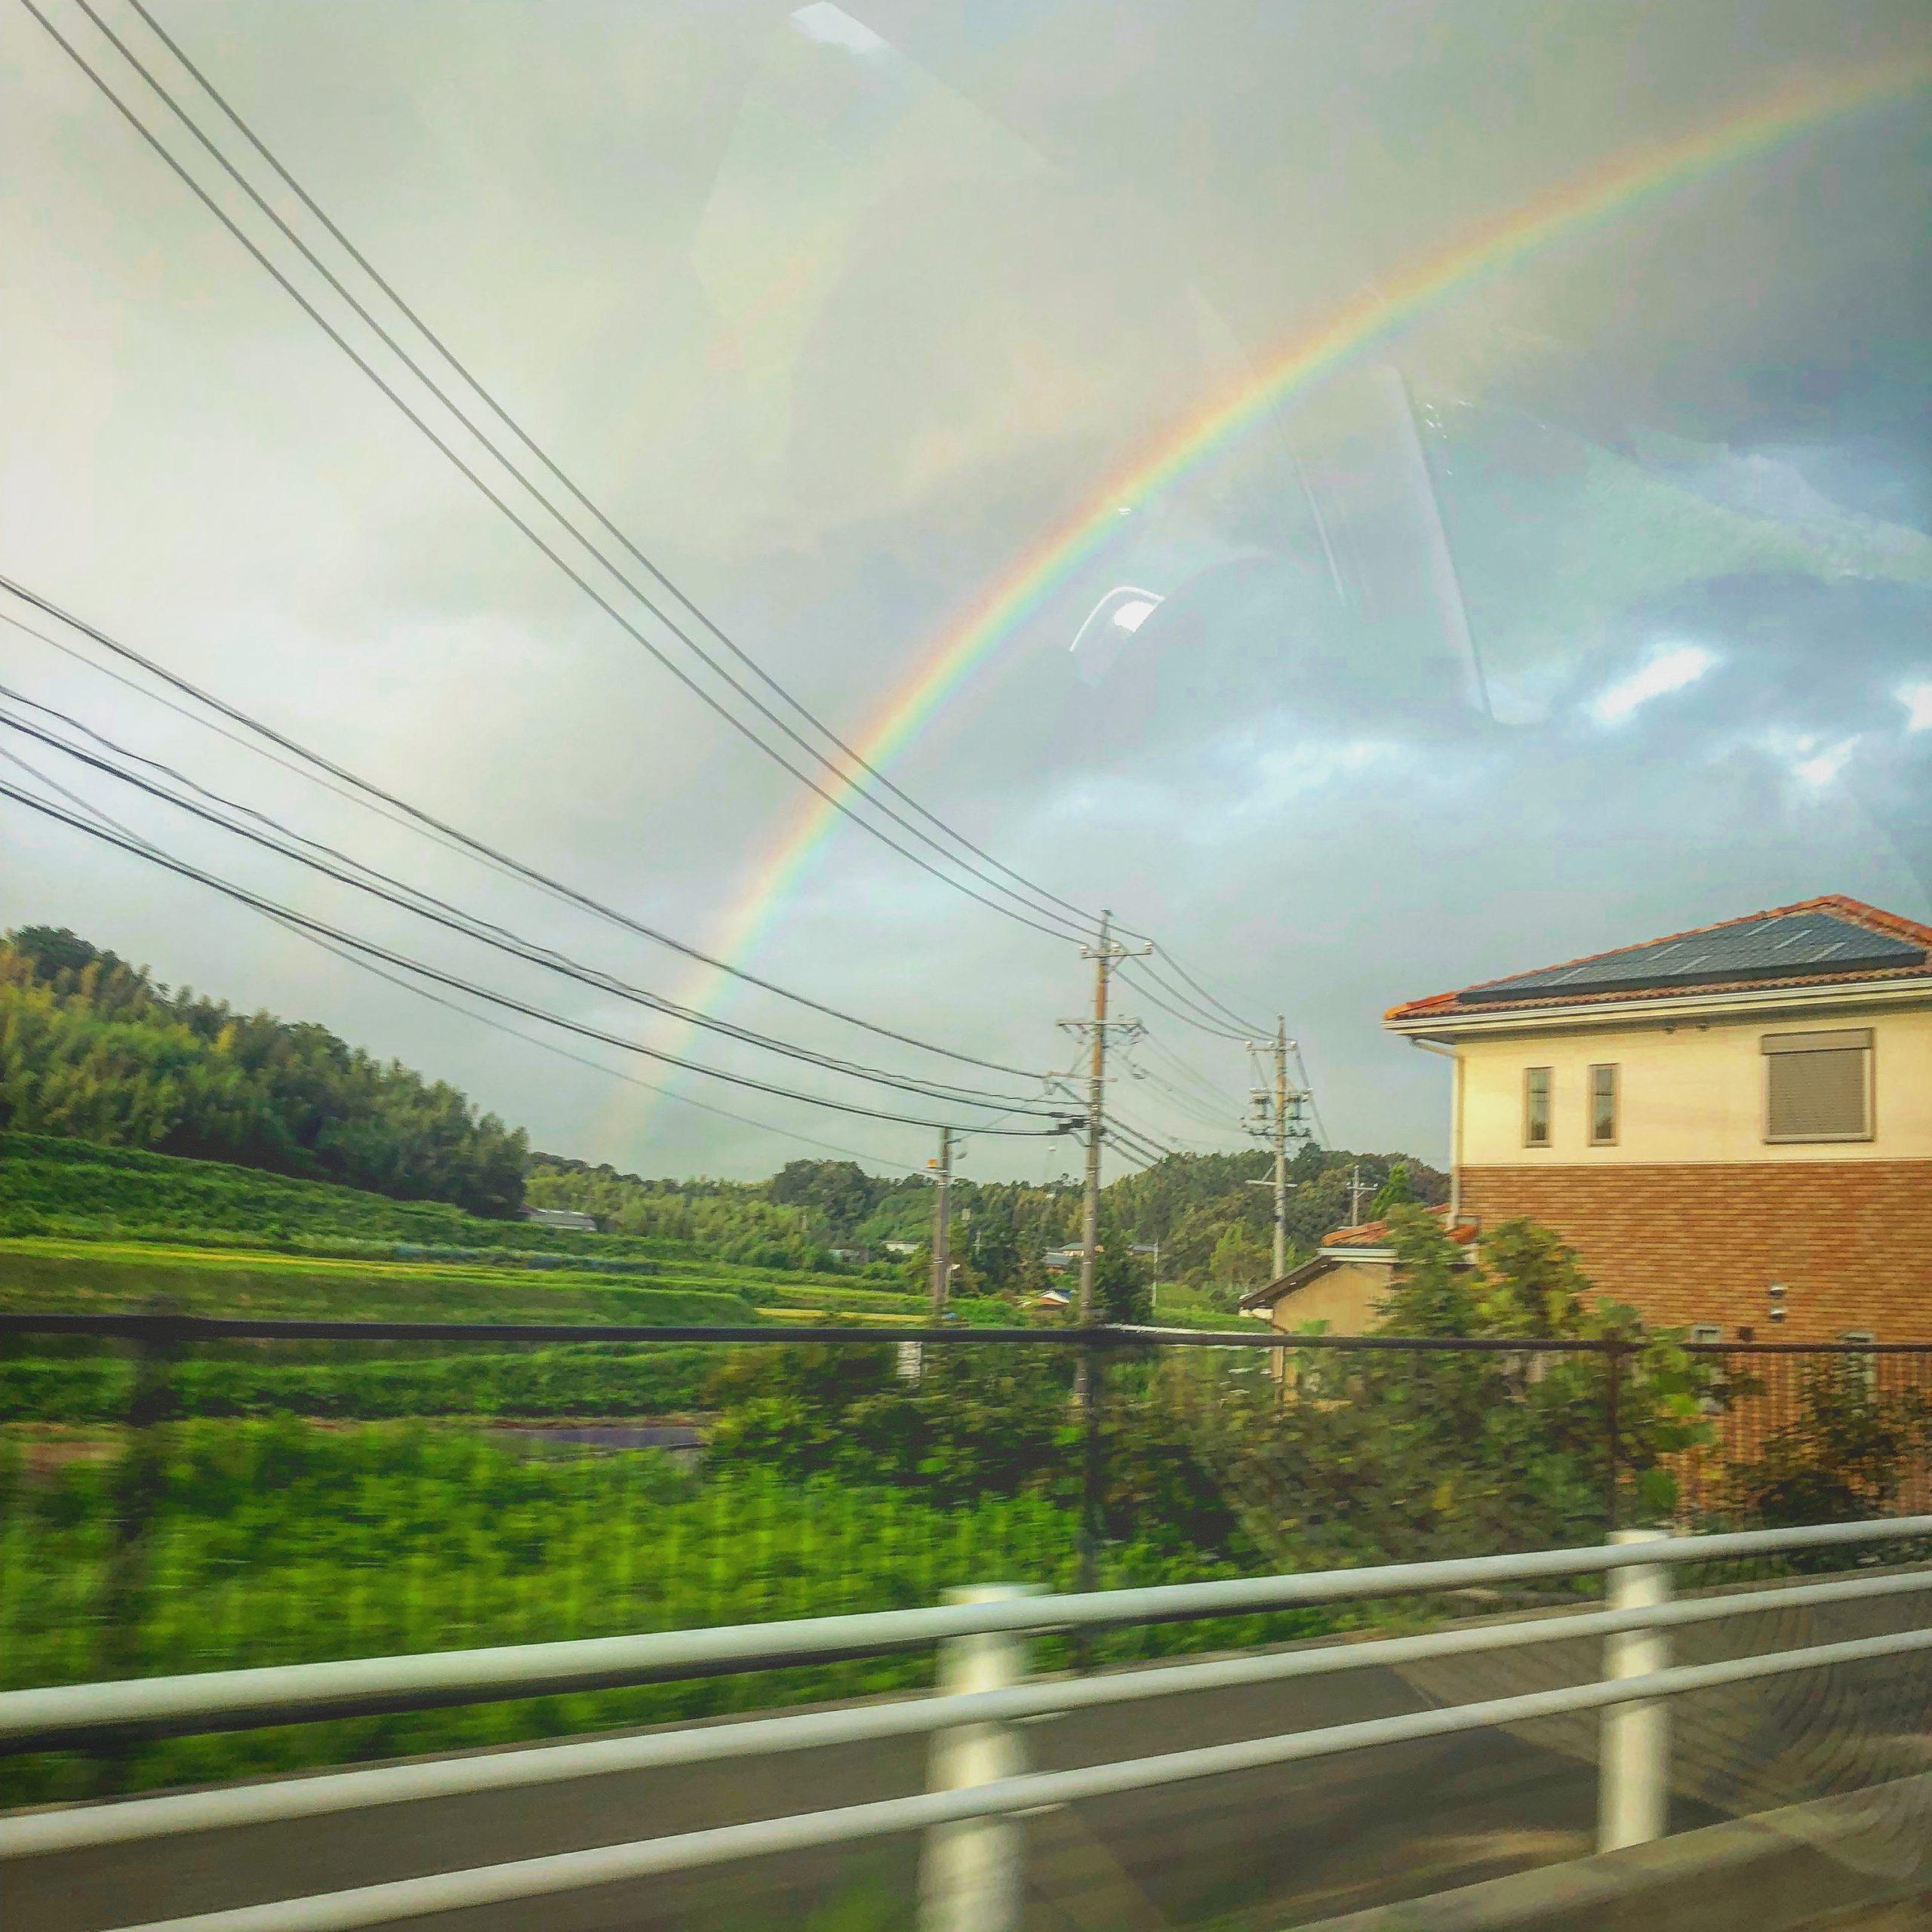 朝早く日本を出国する日に車の窓から見えた虹